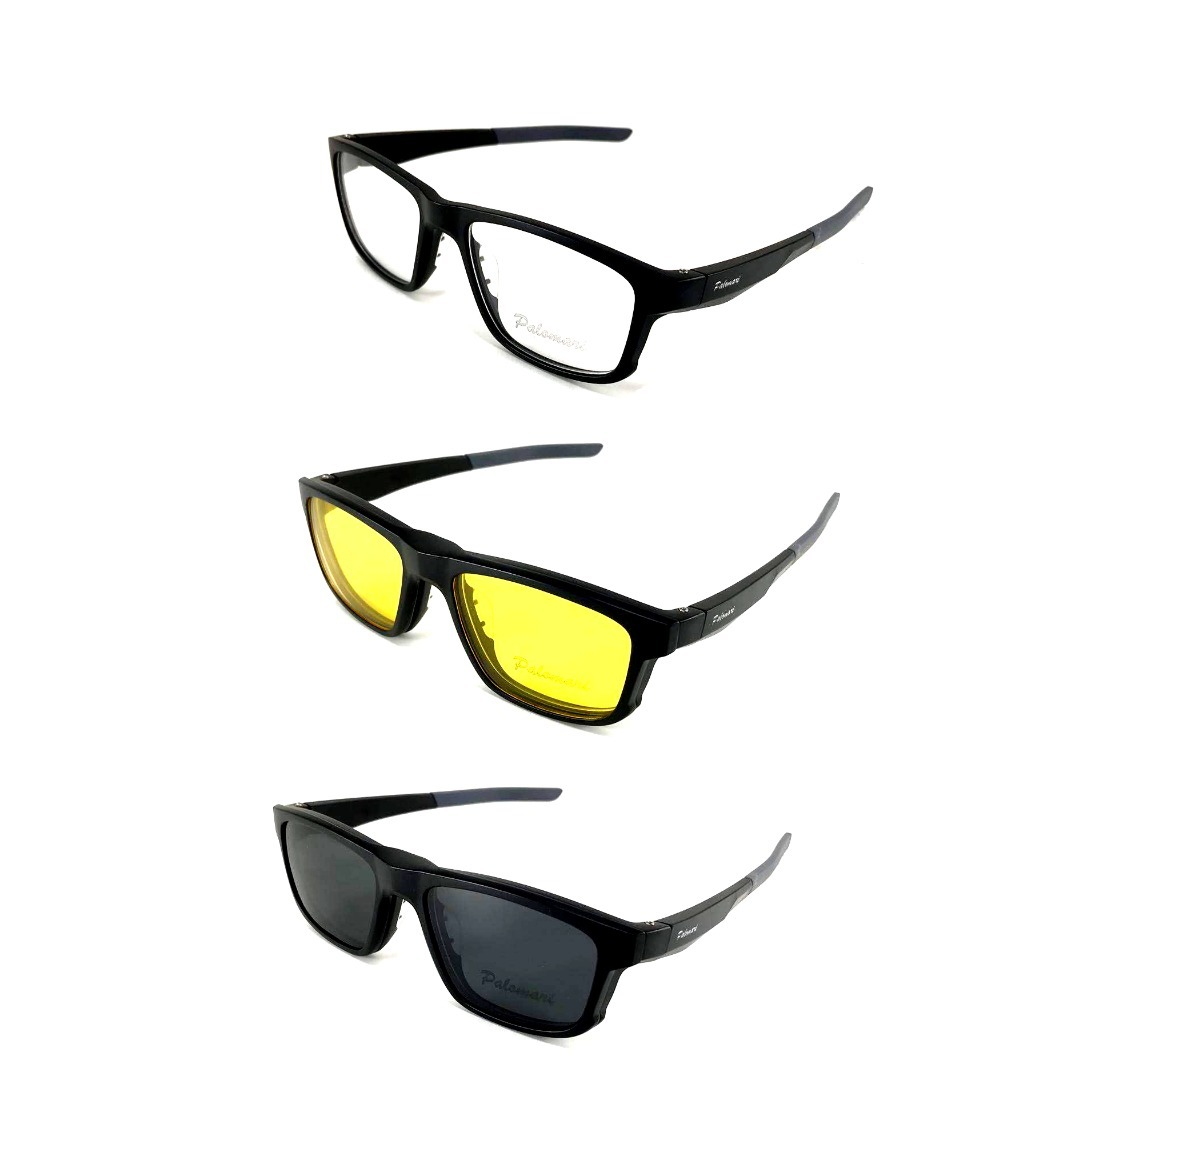 7729bd7bbbe29 armação óculos sol p grau clip on 3 em 1 polarizado c  trava. Carregando  zoom.